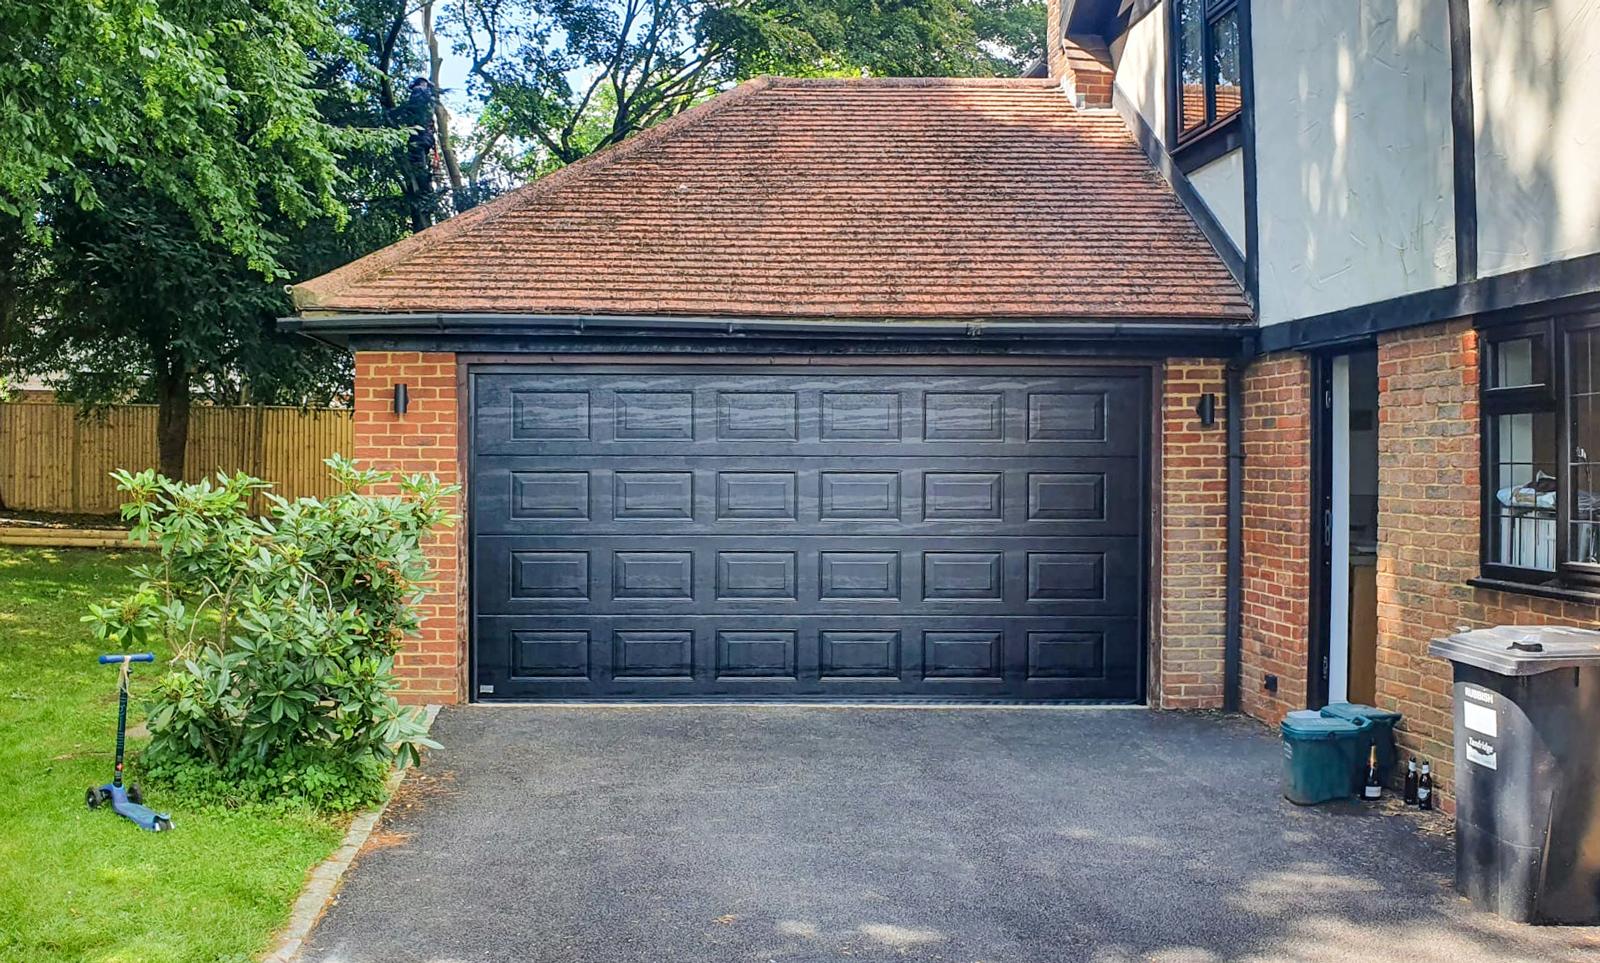 SWS SeceuroGlide Double Sectional Garage Door in Black